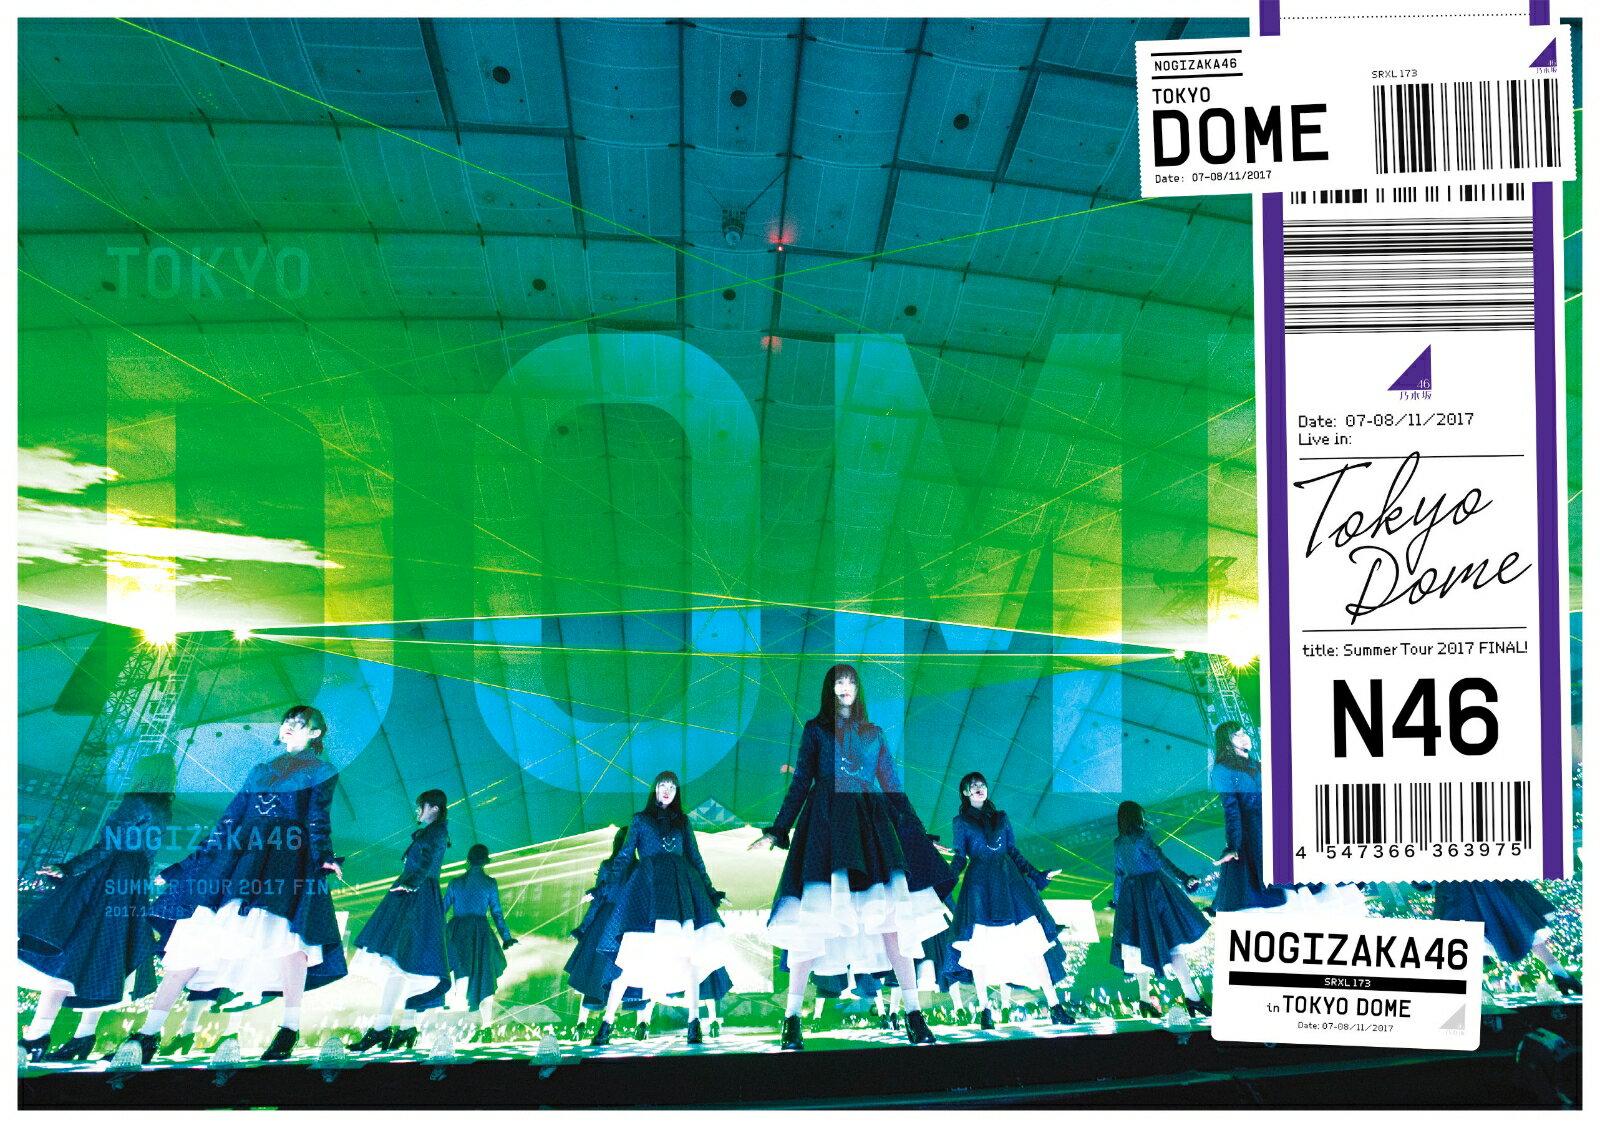 真夏の全国ツアー2017 FINAL! IN TOKYO DOME(通常盤)【Blu-ray】 [ 乃木坂46 ]